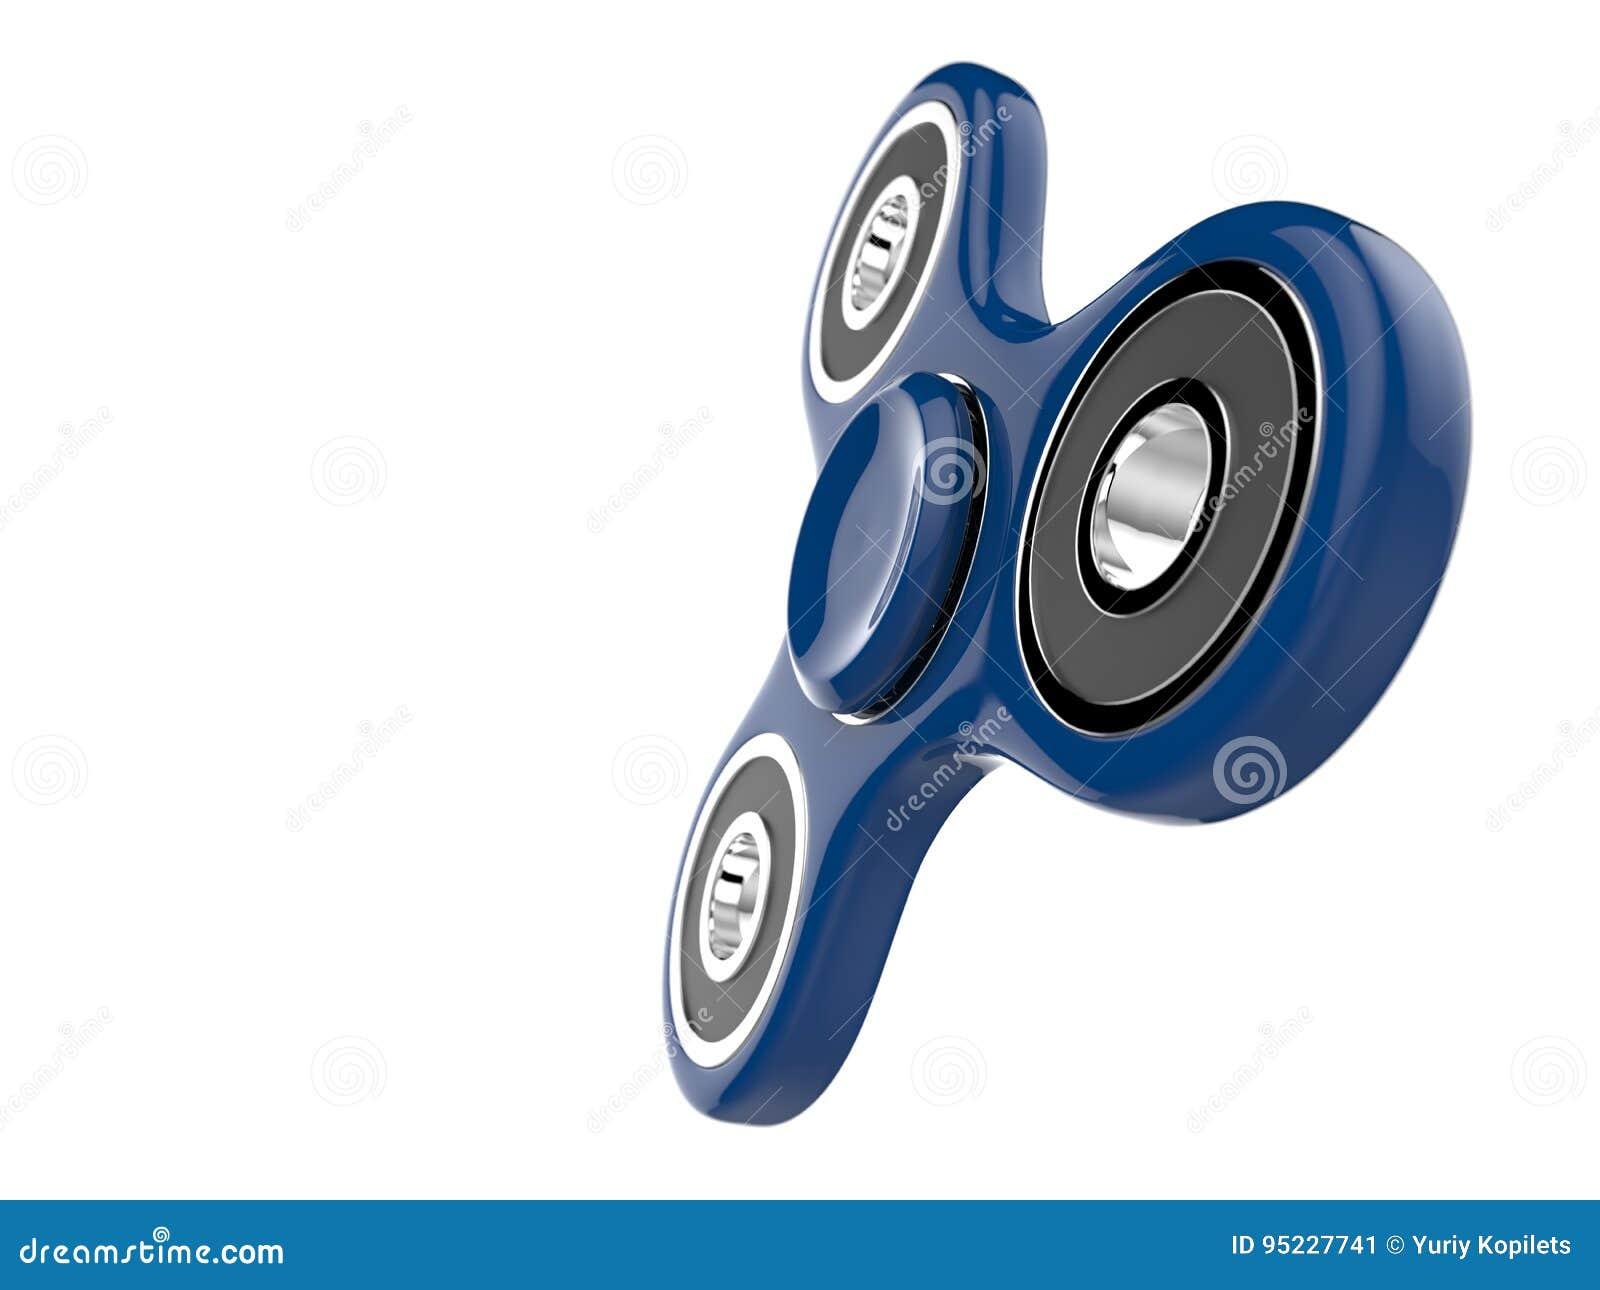 Das blaue Unruhe SPINNER-Druckentlastungsspielzeug auf Weiß lokalisierte Hintergrund Abbildung 3D